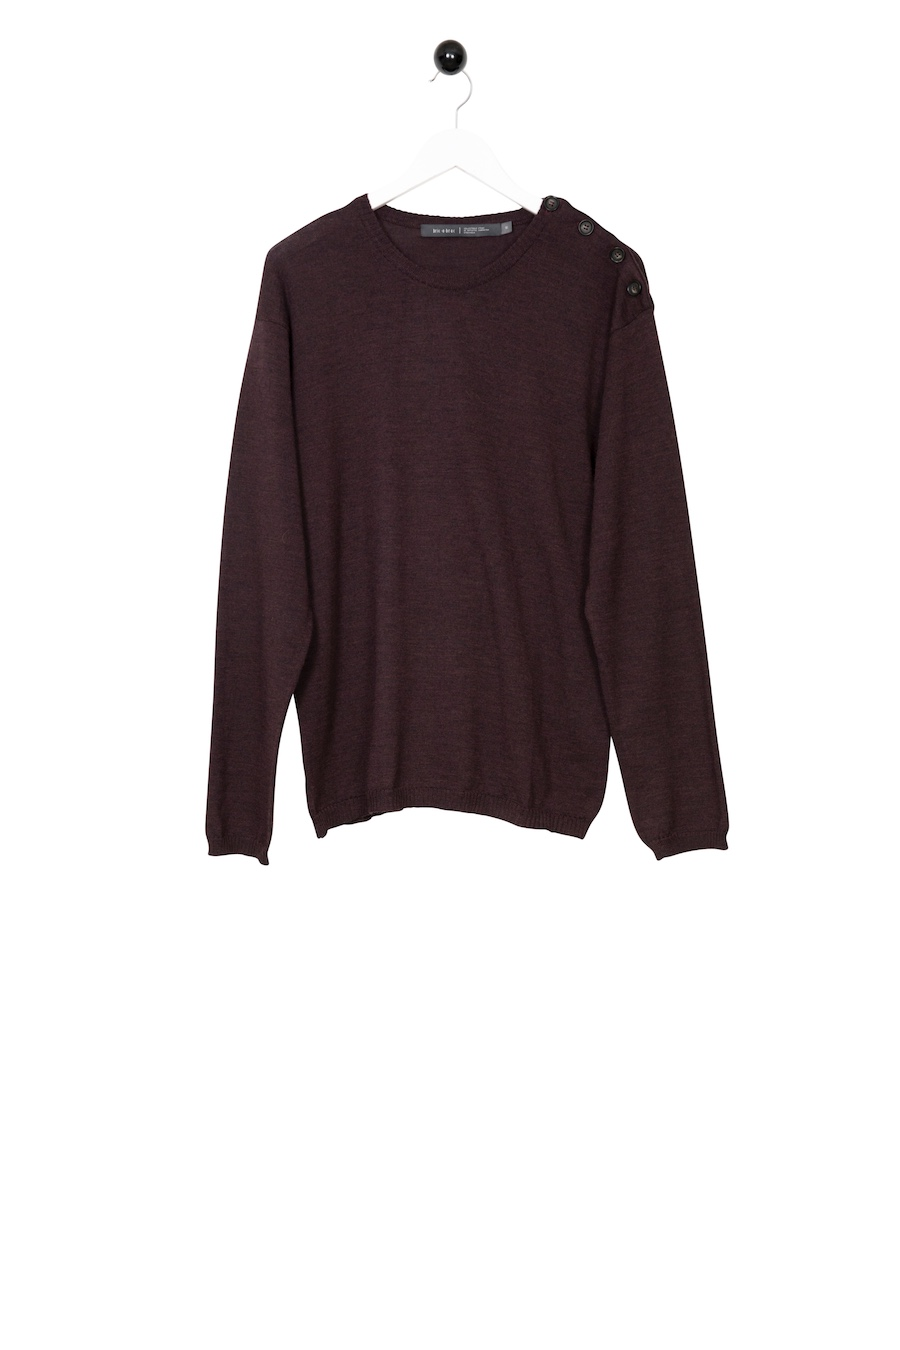 Kapris Sweater